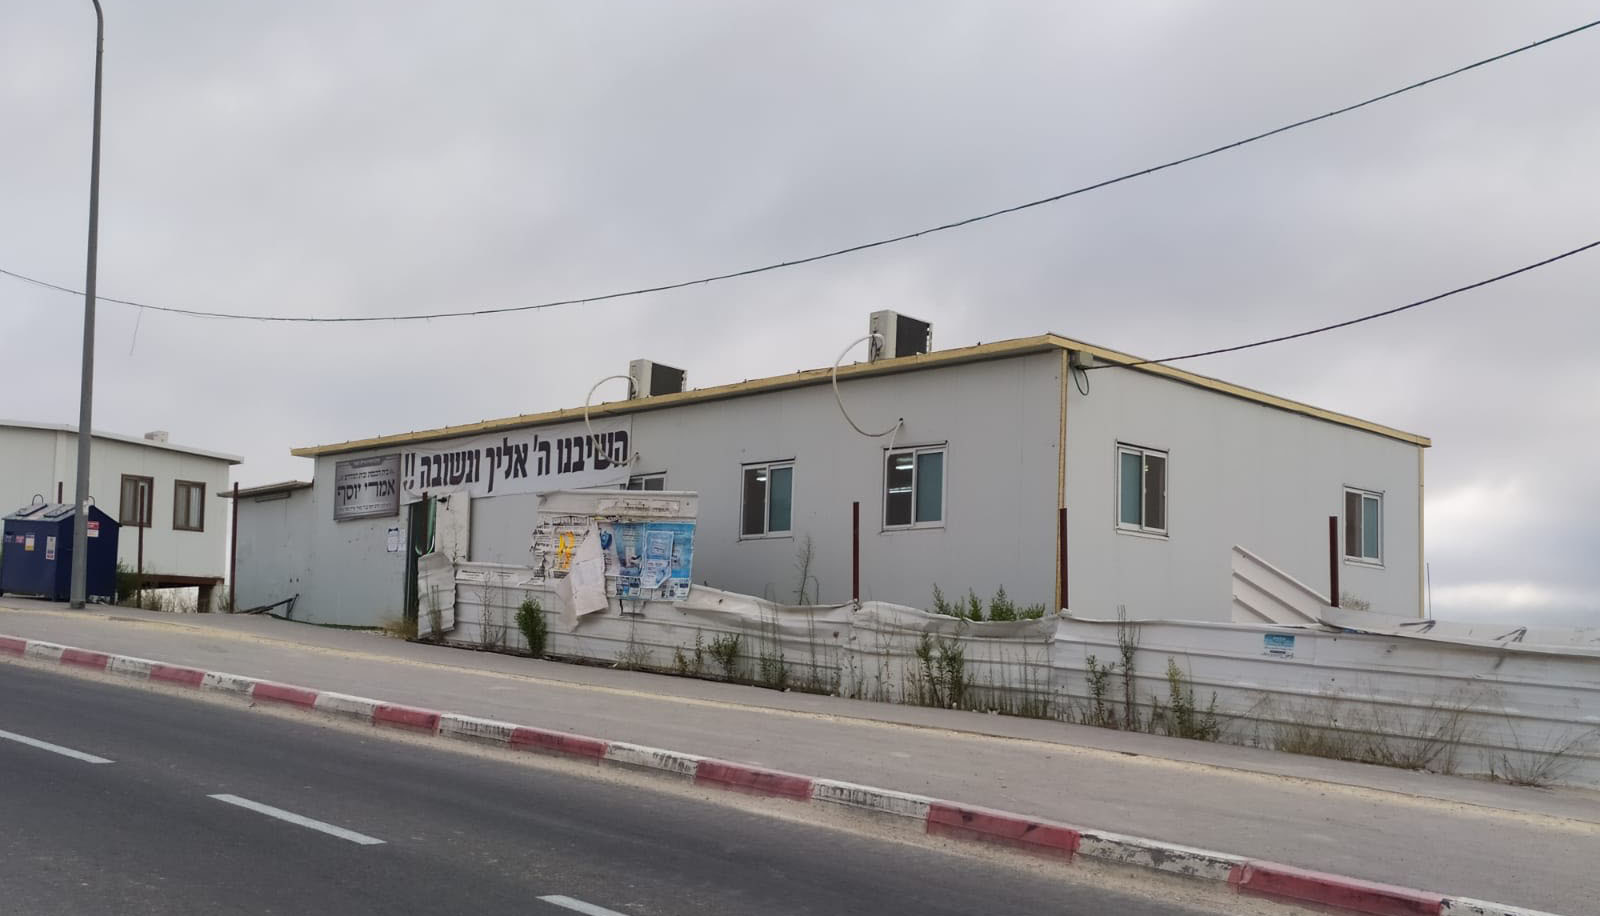 בית הכנסת אמרי יוסף ברמת בית שמש ג' (צילום: פרטי)